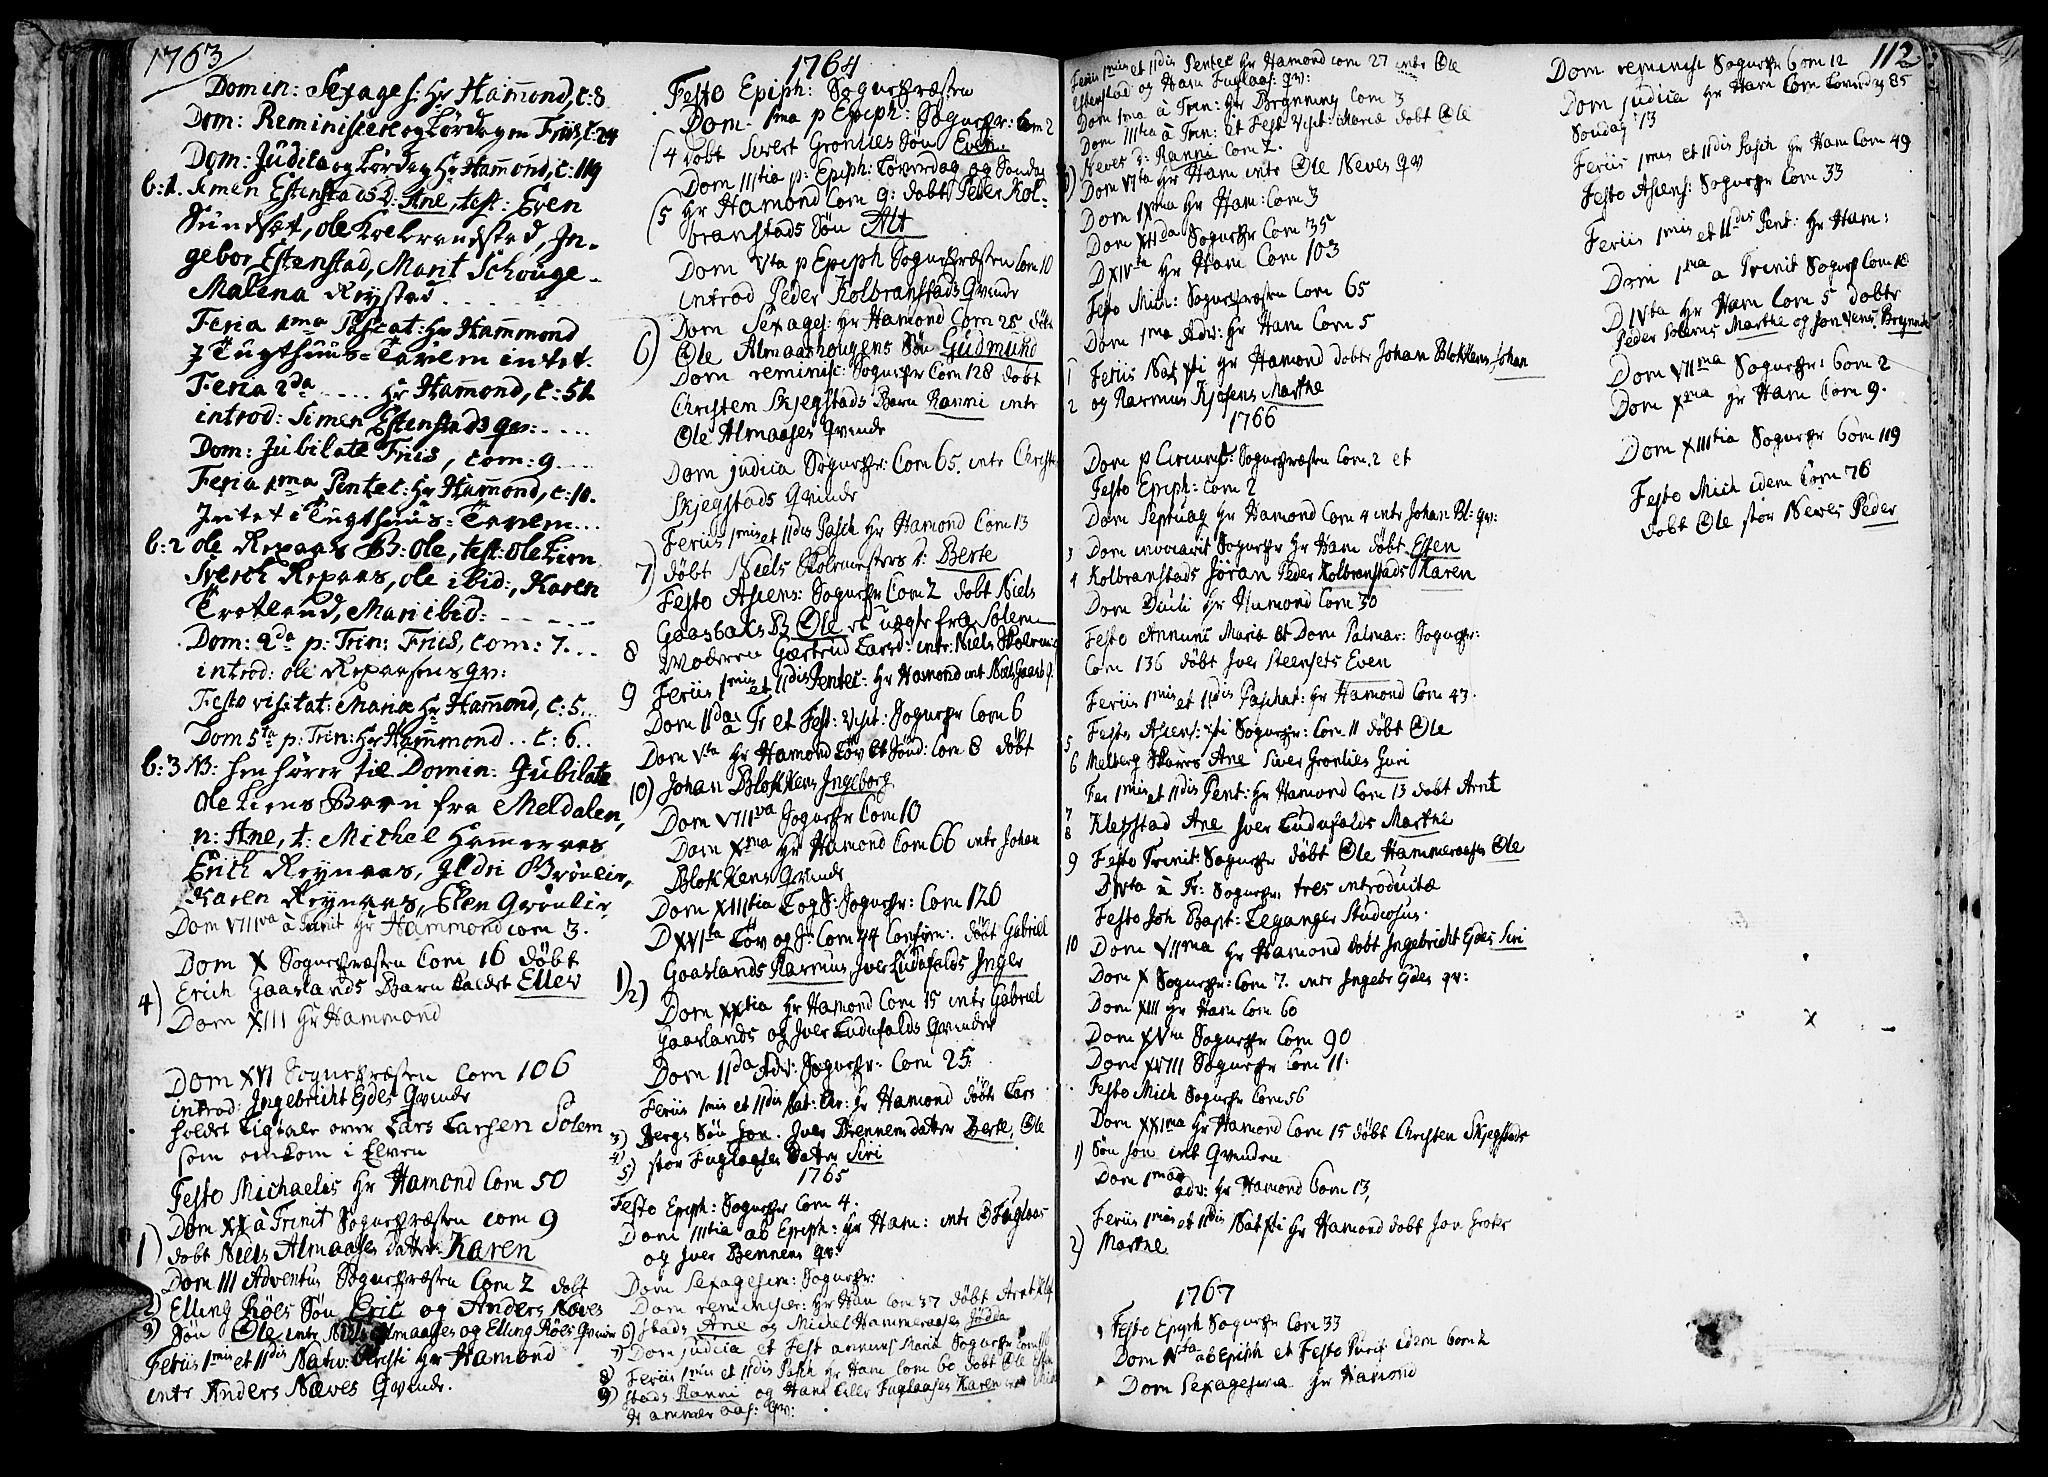 SAT, Ministerialprotokoller, klokkerbøker og fødselsregistre - Sør-Trøndelag, 691/L1060: Ministerialbok nr. 691A01 /4, 1740-1767, s. 112